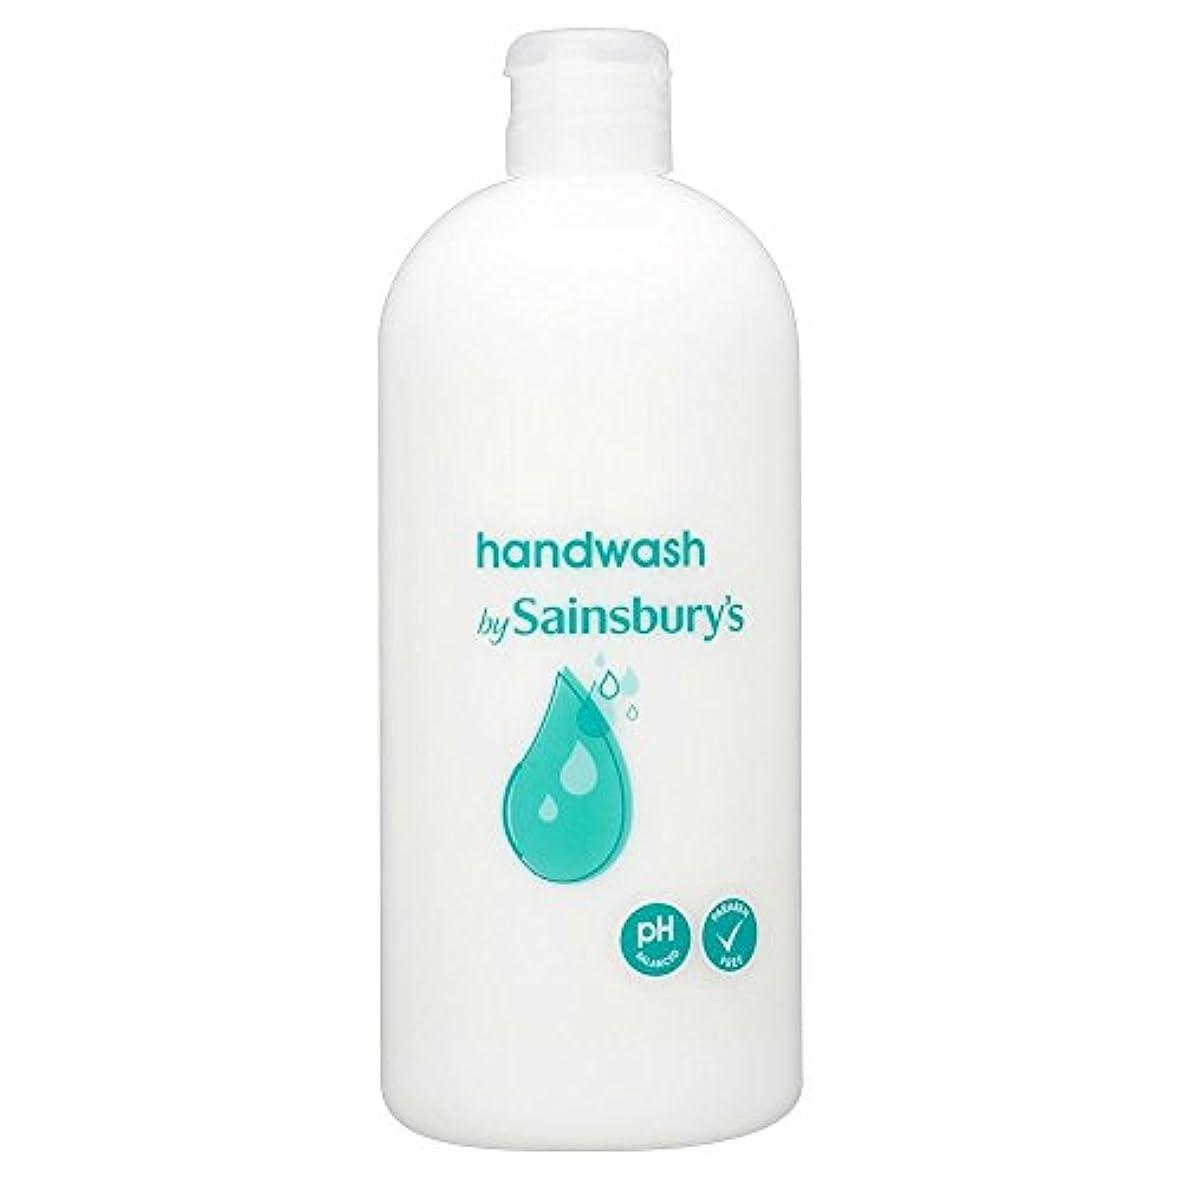 艶エクスタシー準備Sainsbury's Handwash, White Refill 500ml - (Sainsbury's) 手洗い、白リフィル500ミリリットル [並行輸入品]